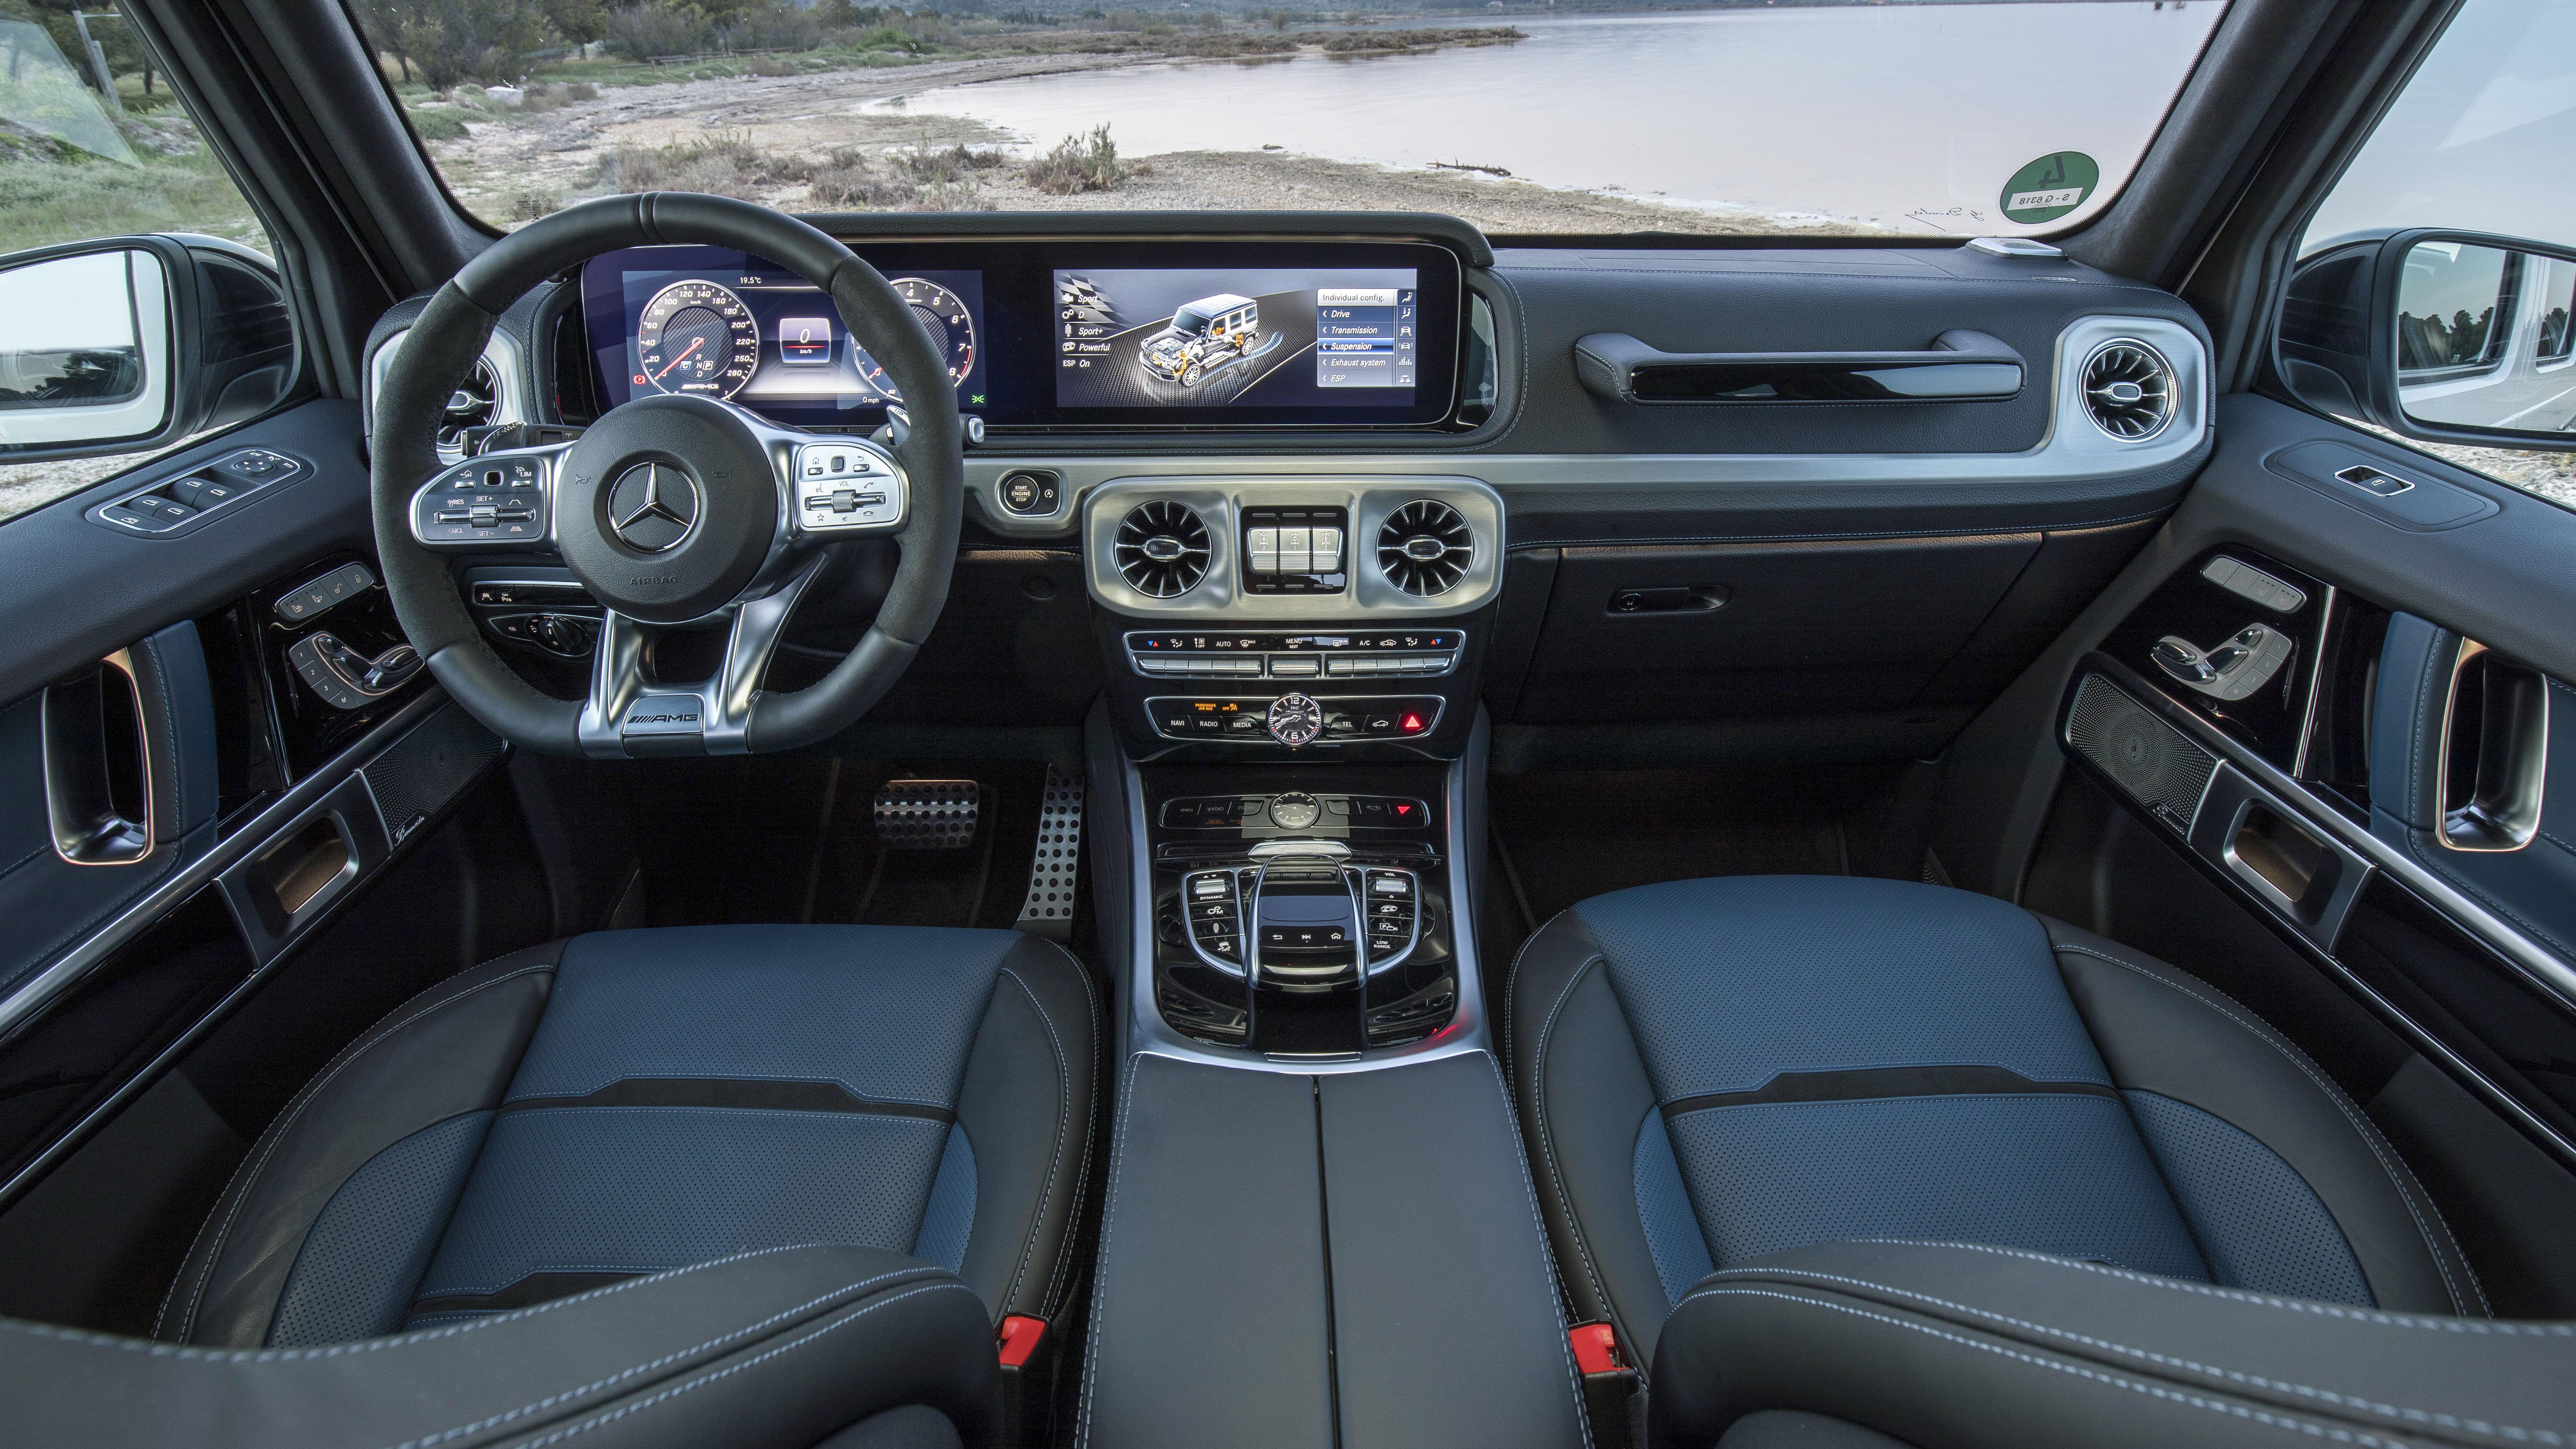 Mercedes Benz G Class Review 2018 Top Gear